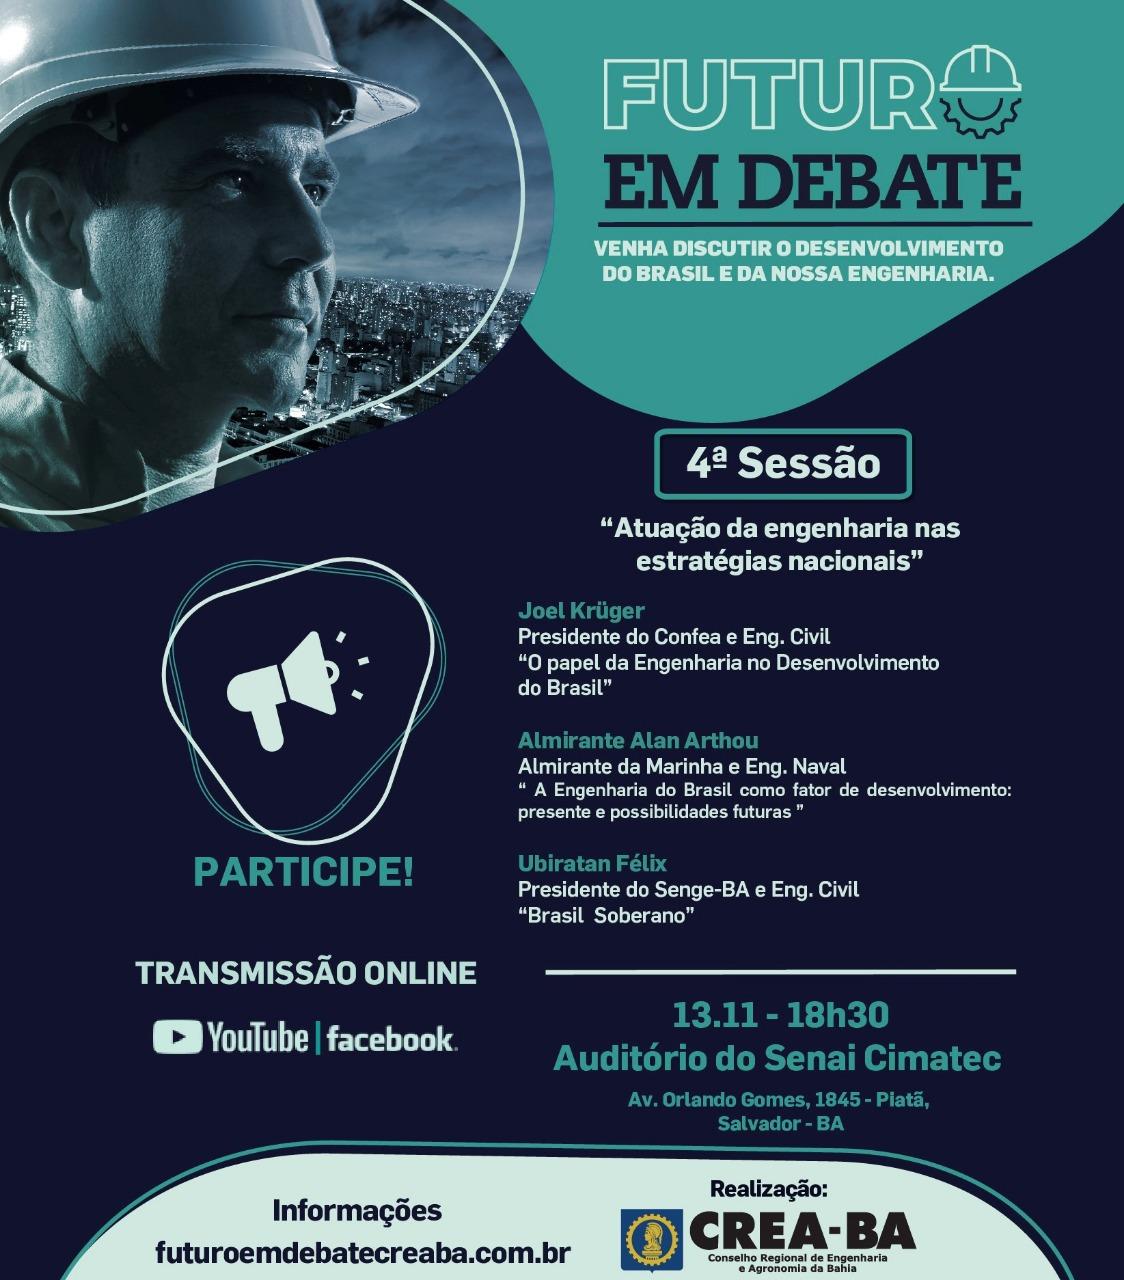 Dia 13 de novembro é 4ª sessão do Fórum Futuro em Debate